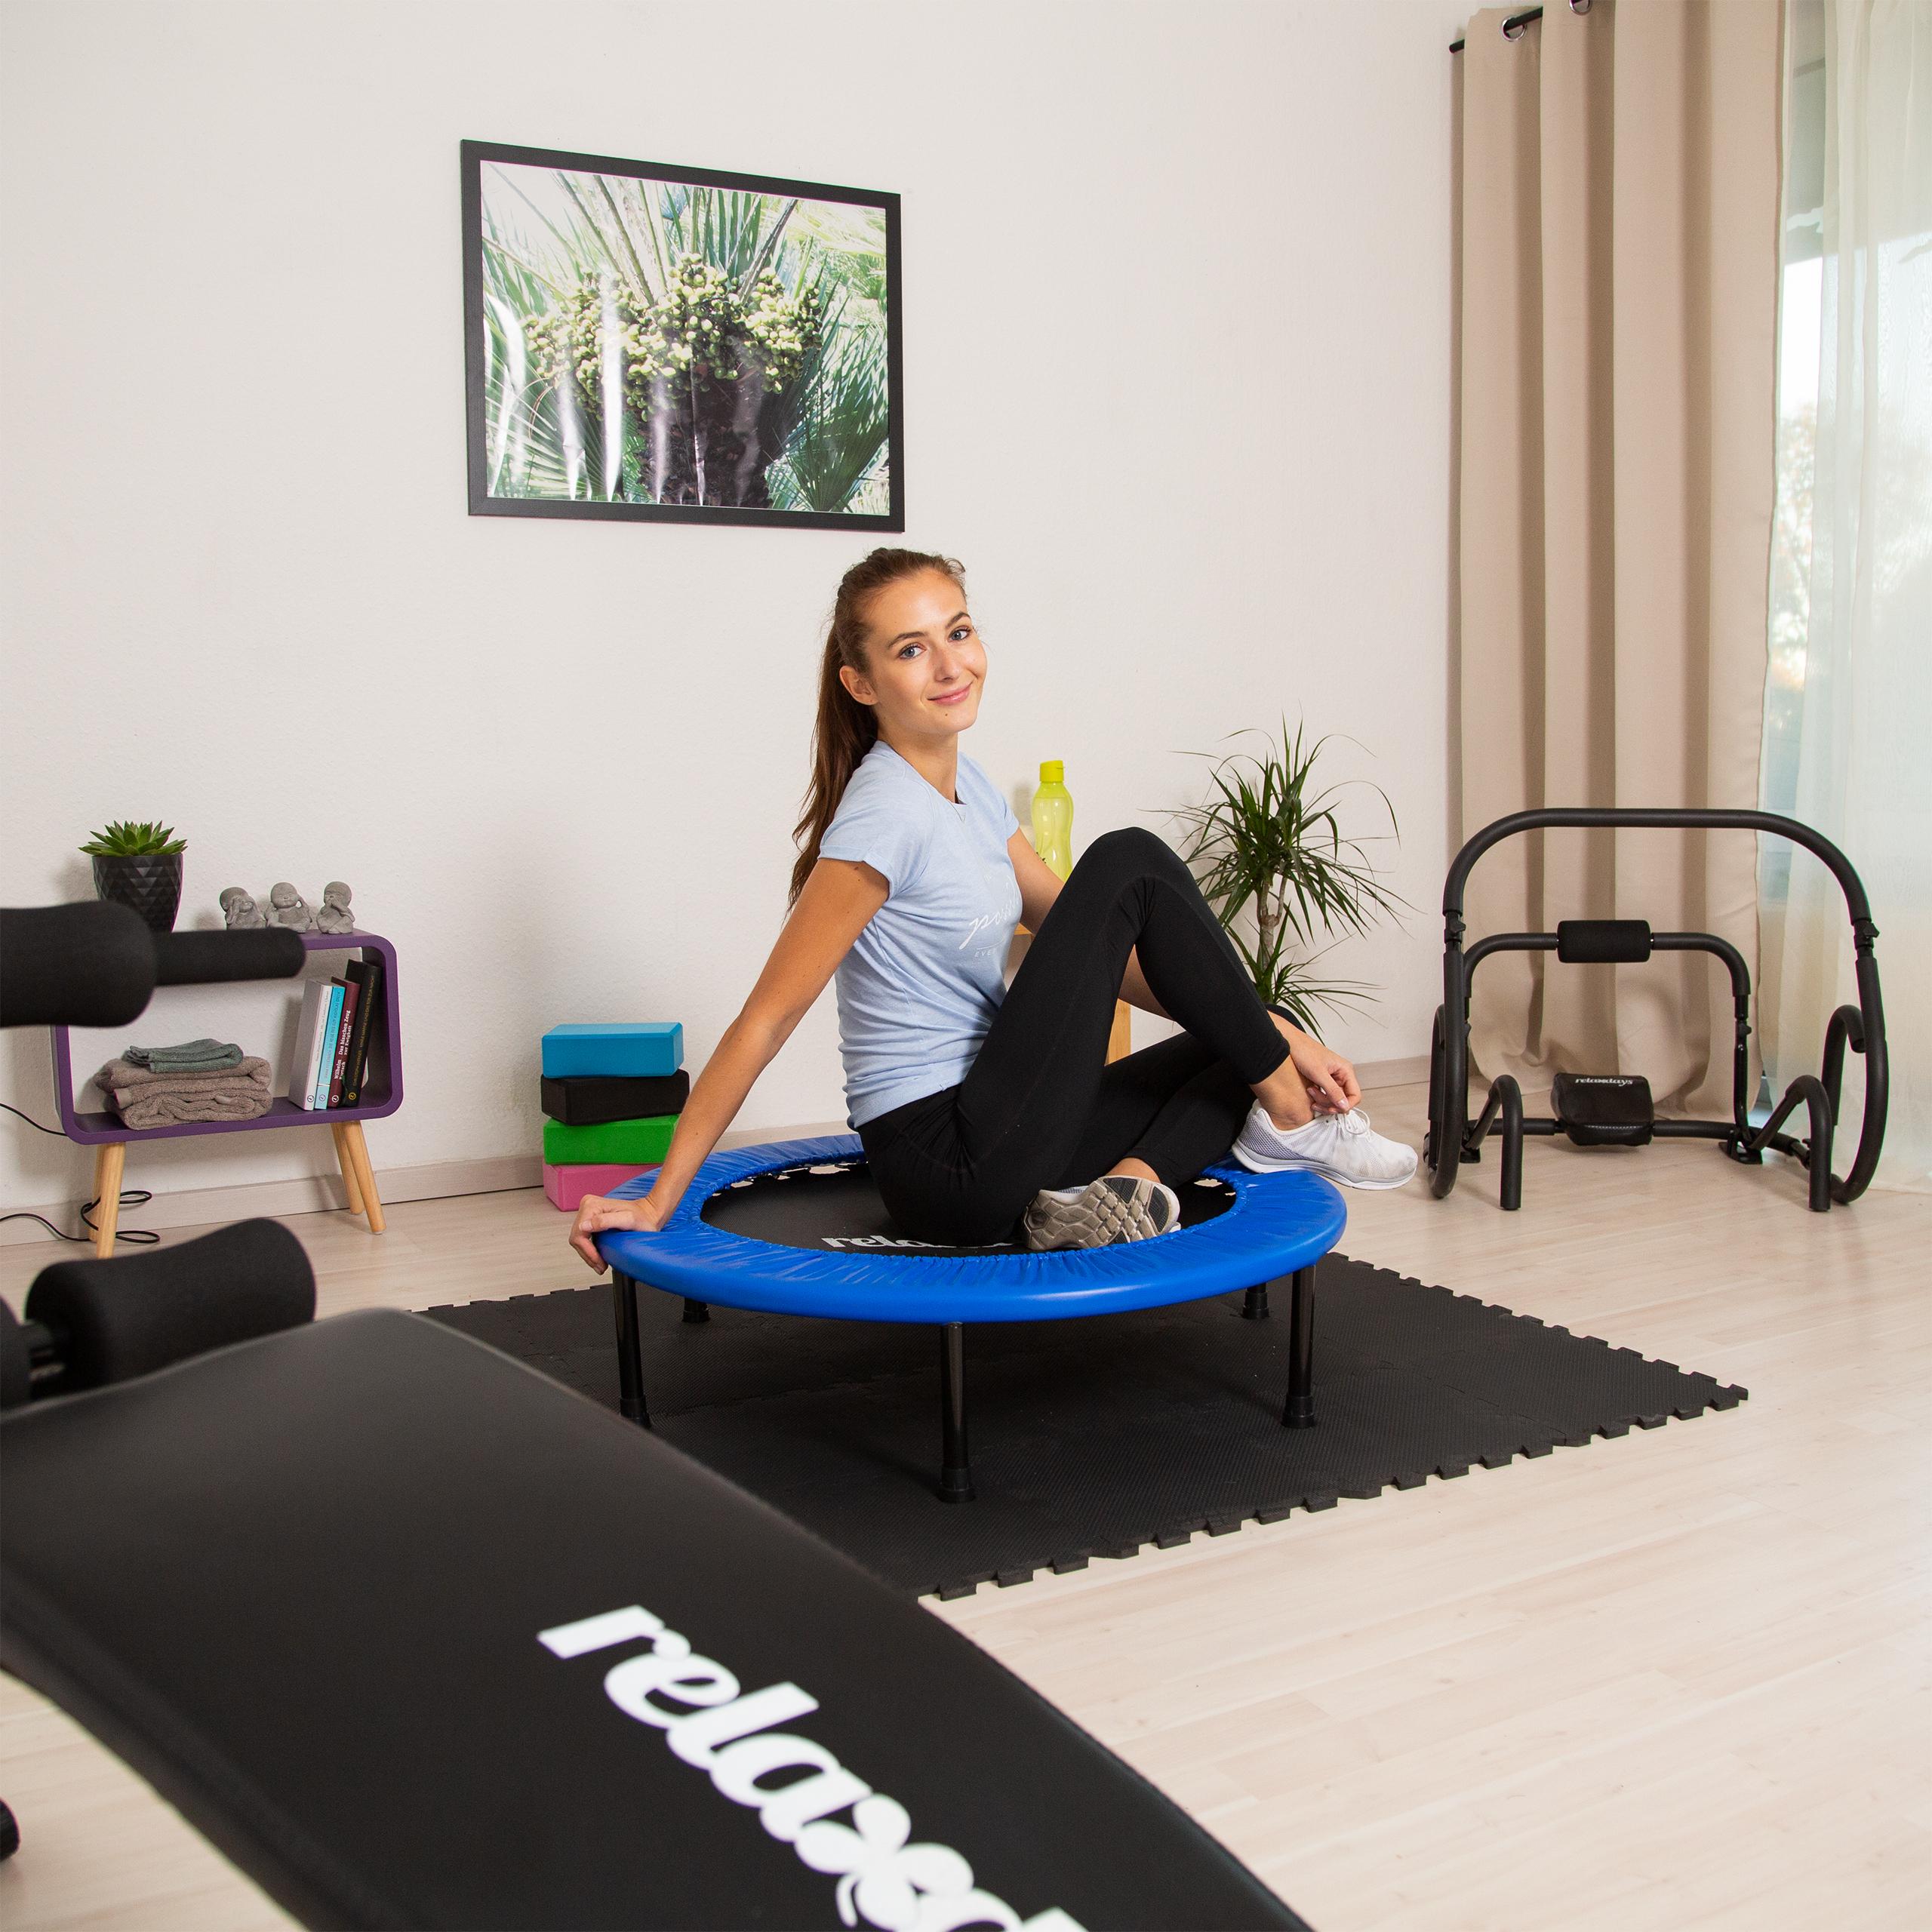 Fitness-Trampolin-Aerobic-Indoor-Fitnesstrampolin-Ausdauer-Training-bis-100-kg Indexbild 5